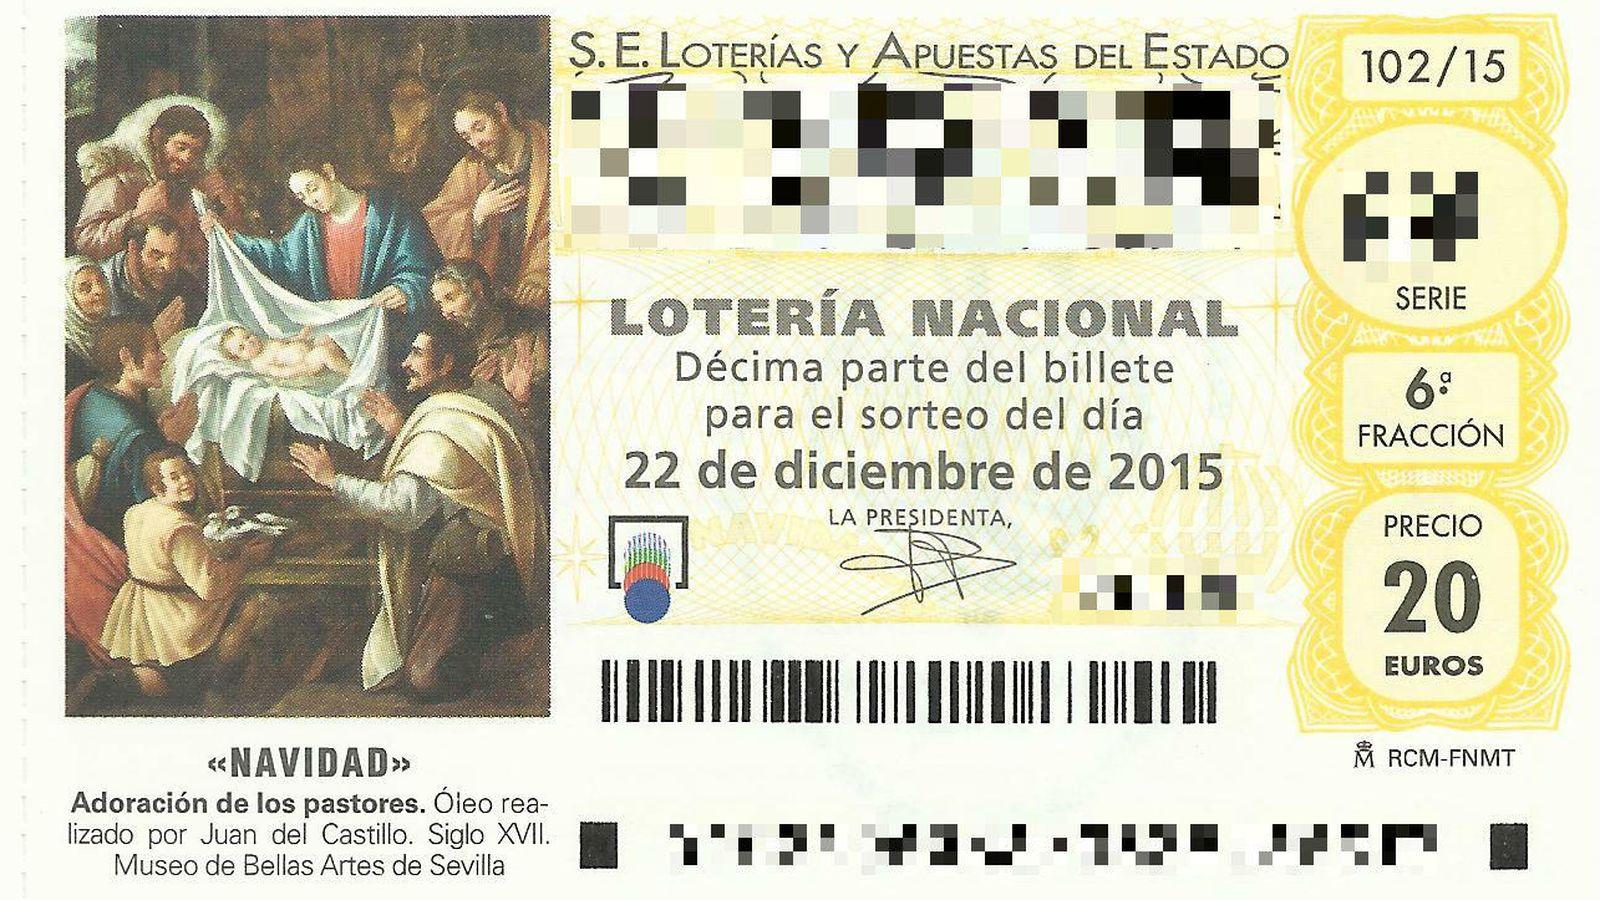 Comprobar Decimo Loteria Navidad 2012 Comprueba Tu Decimo Premiado De La Loteria De Navidad 2015